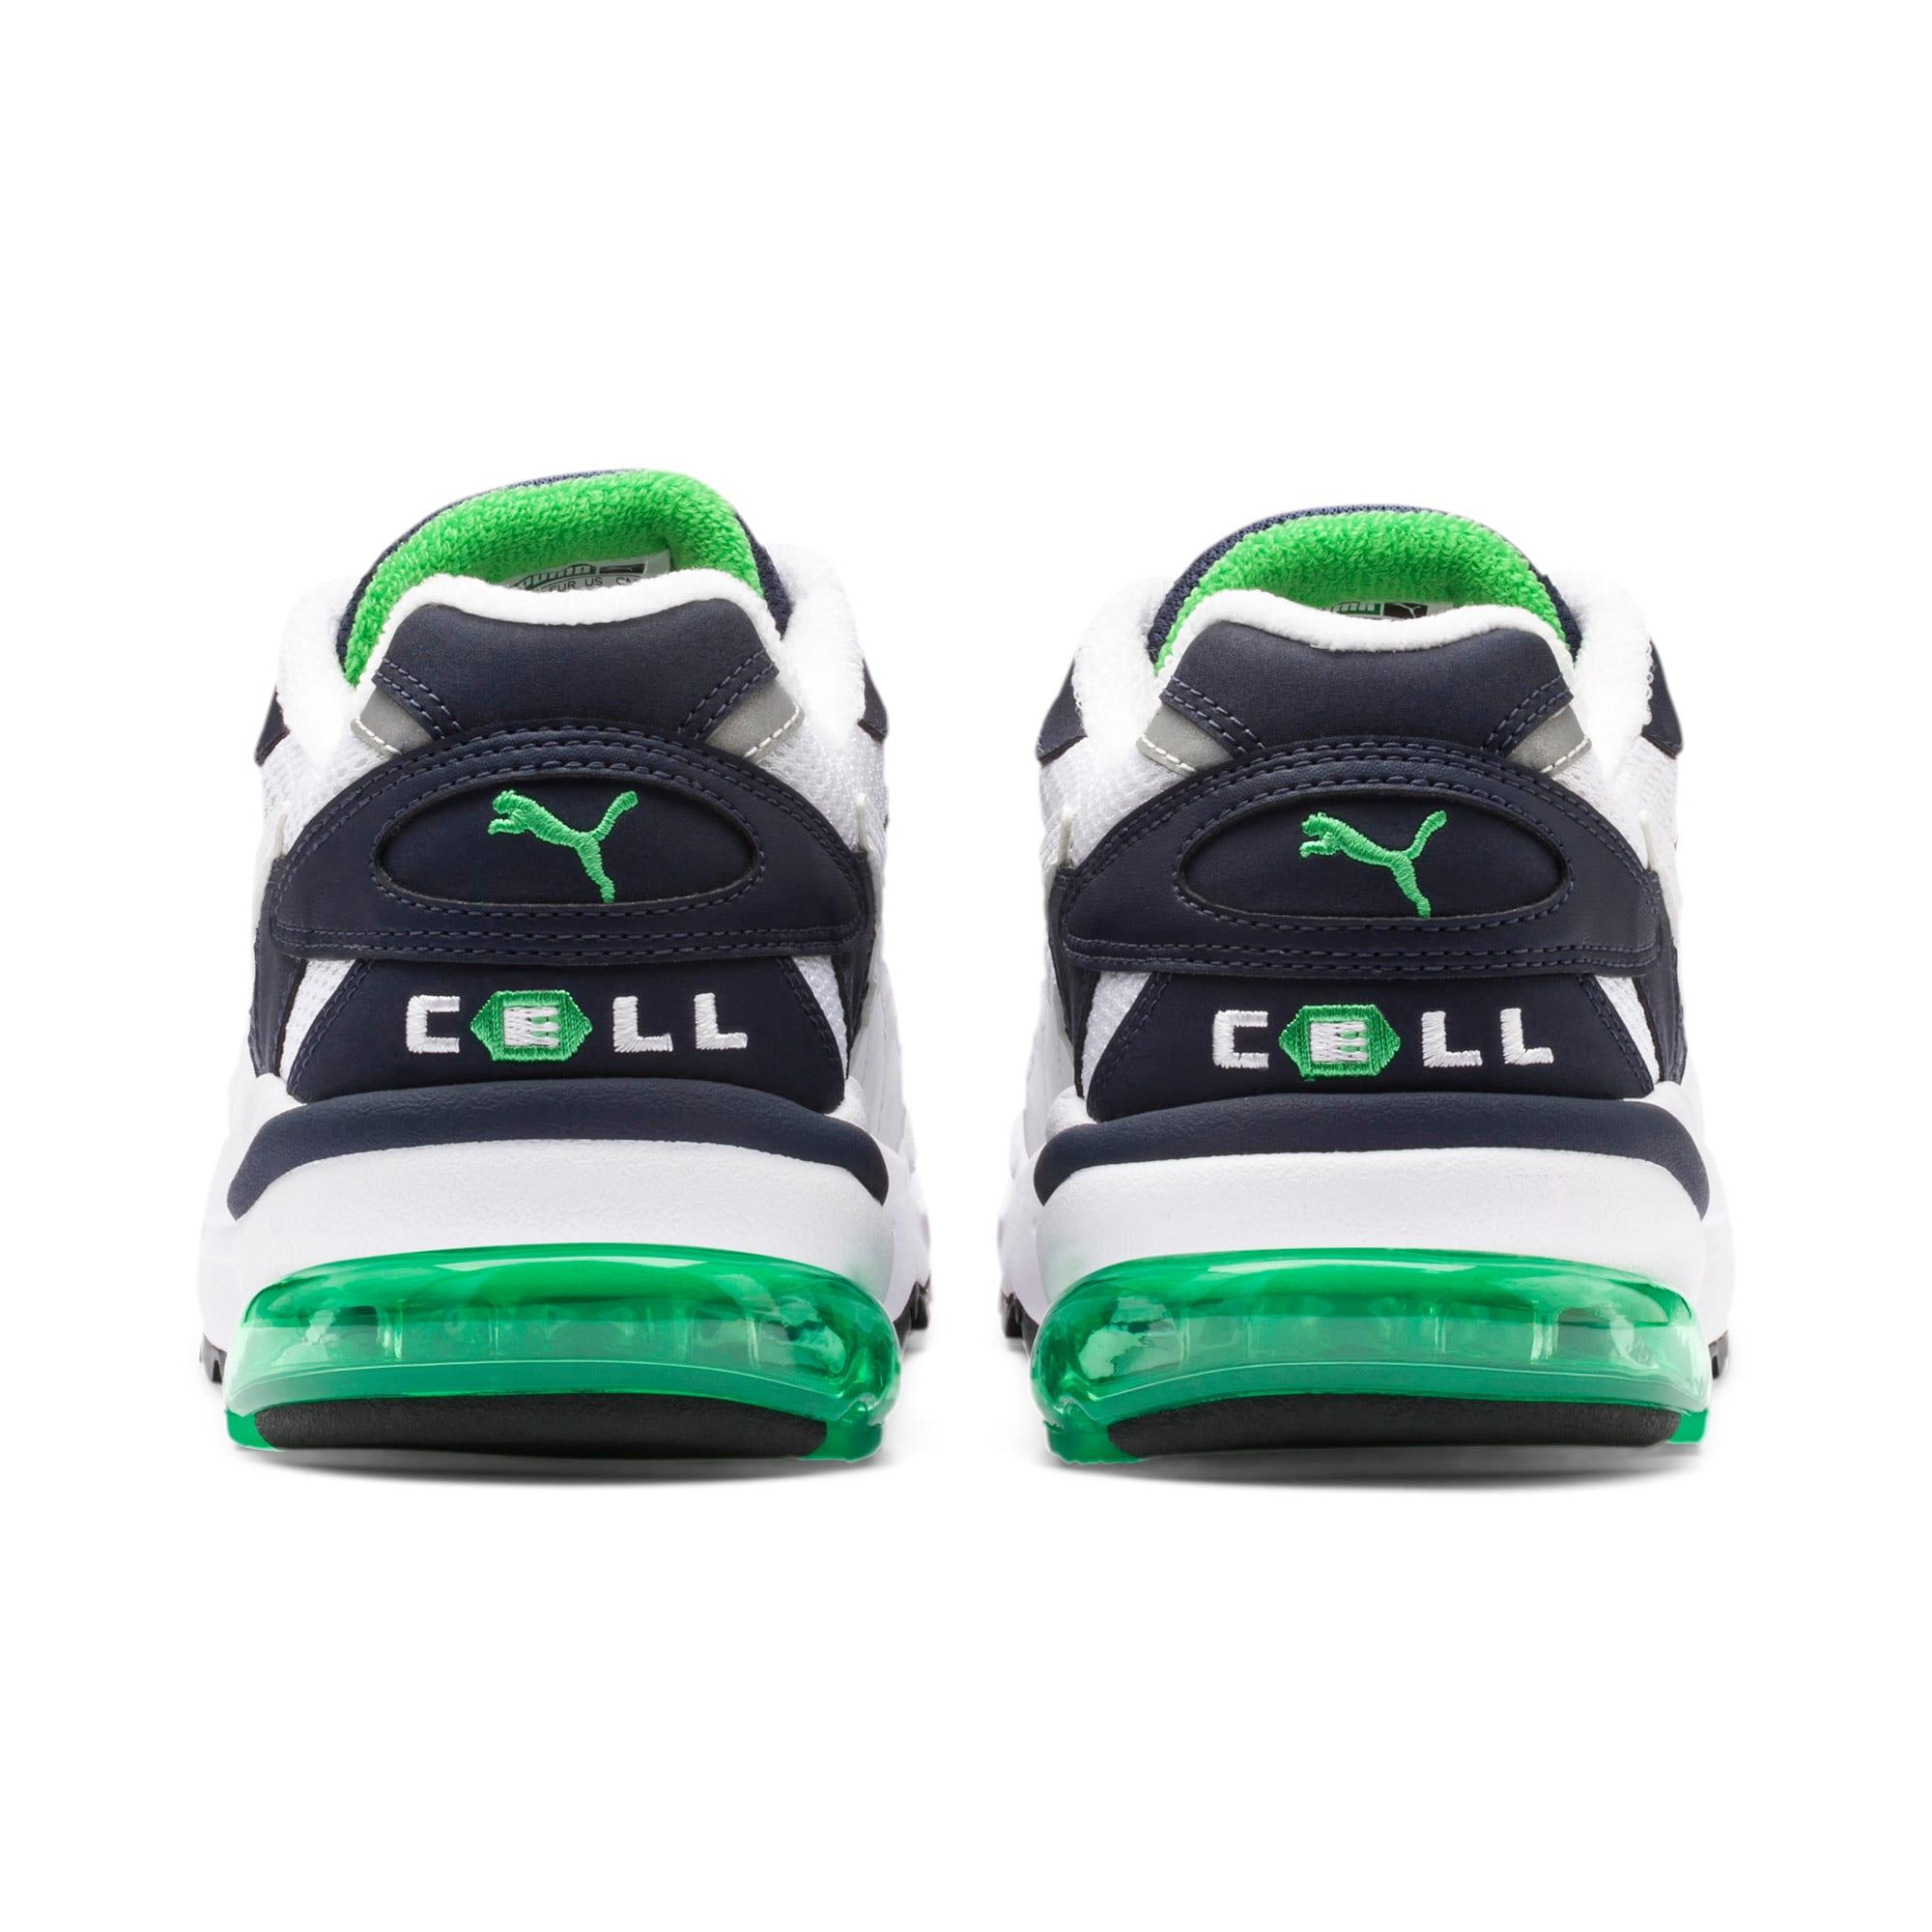 Thumbnail 4 of Scarpe da ginnastica CELL Alien OG, Peacoat-Classic Green, medium